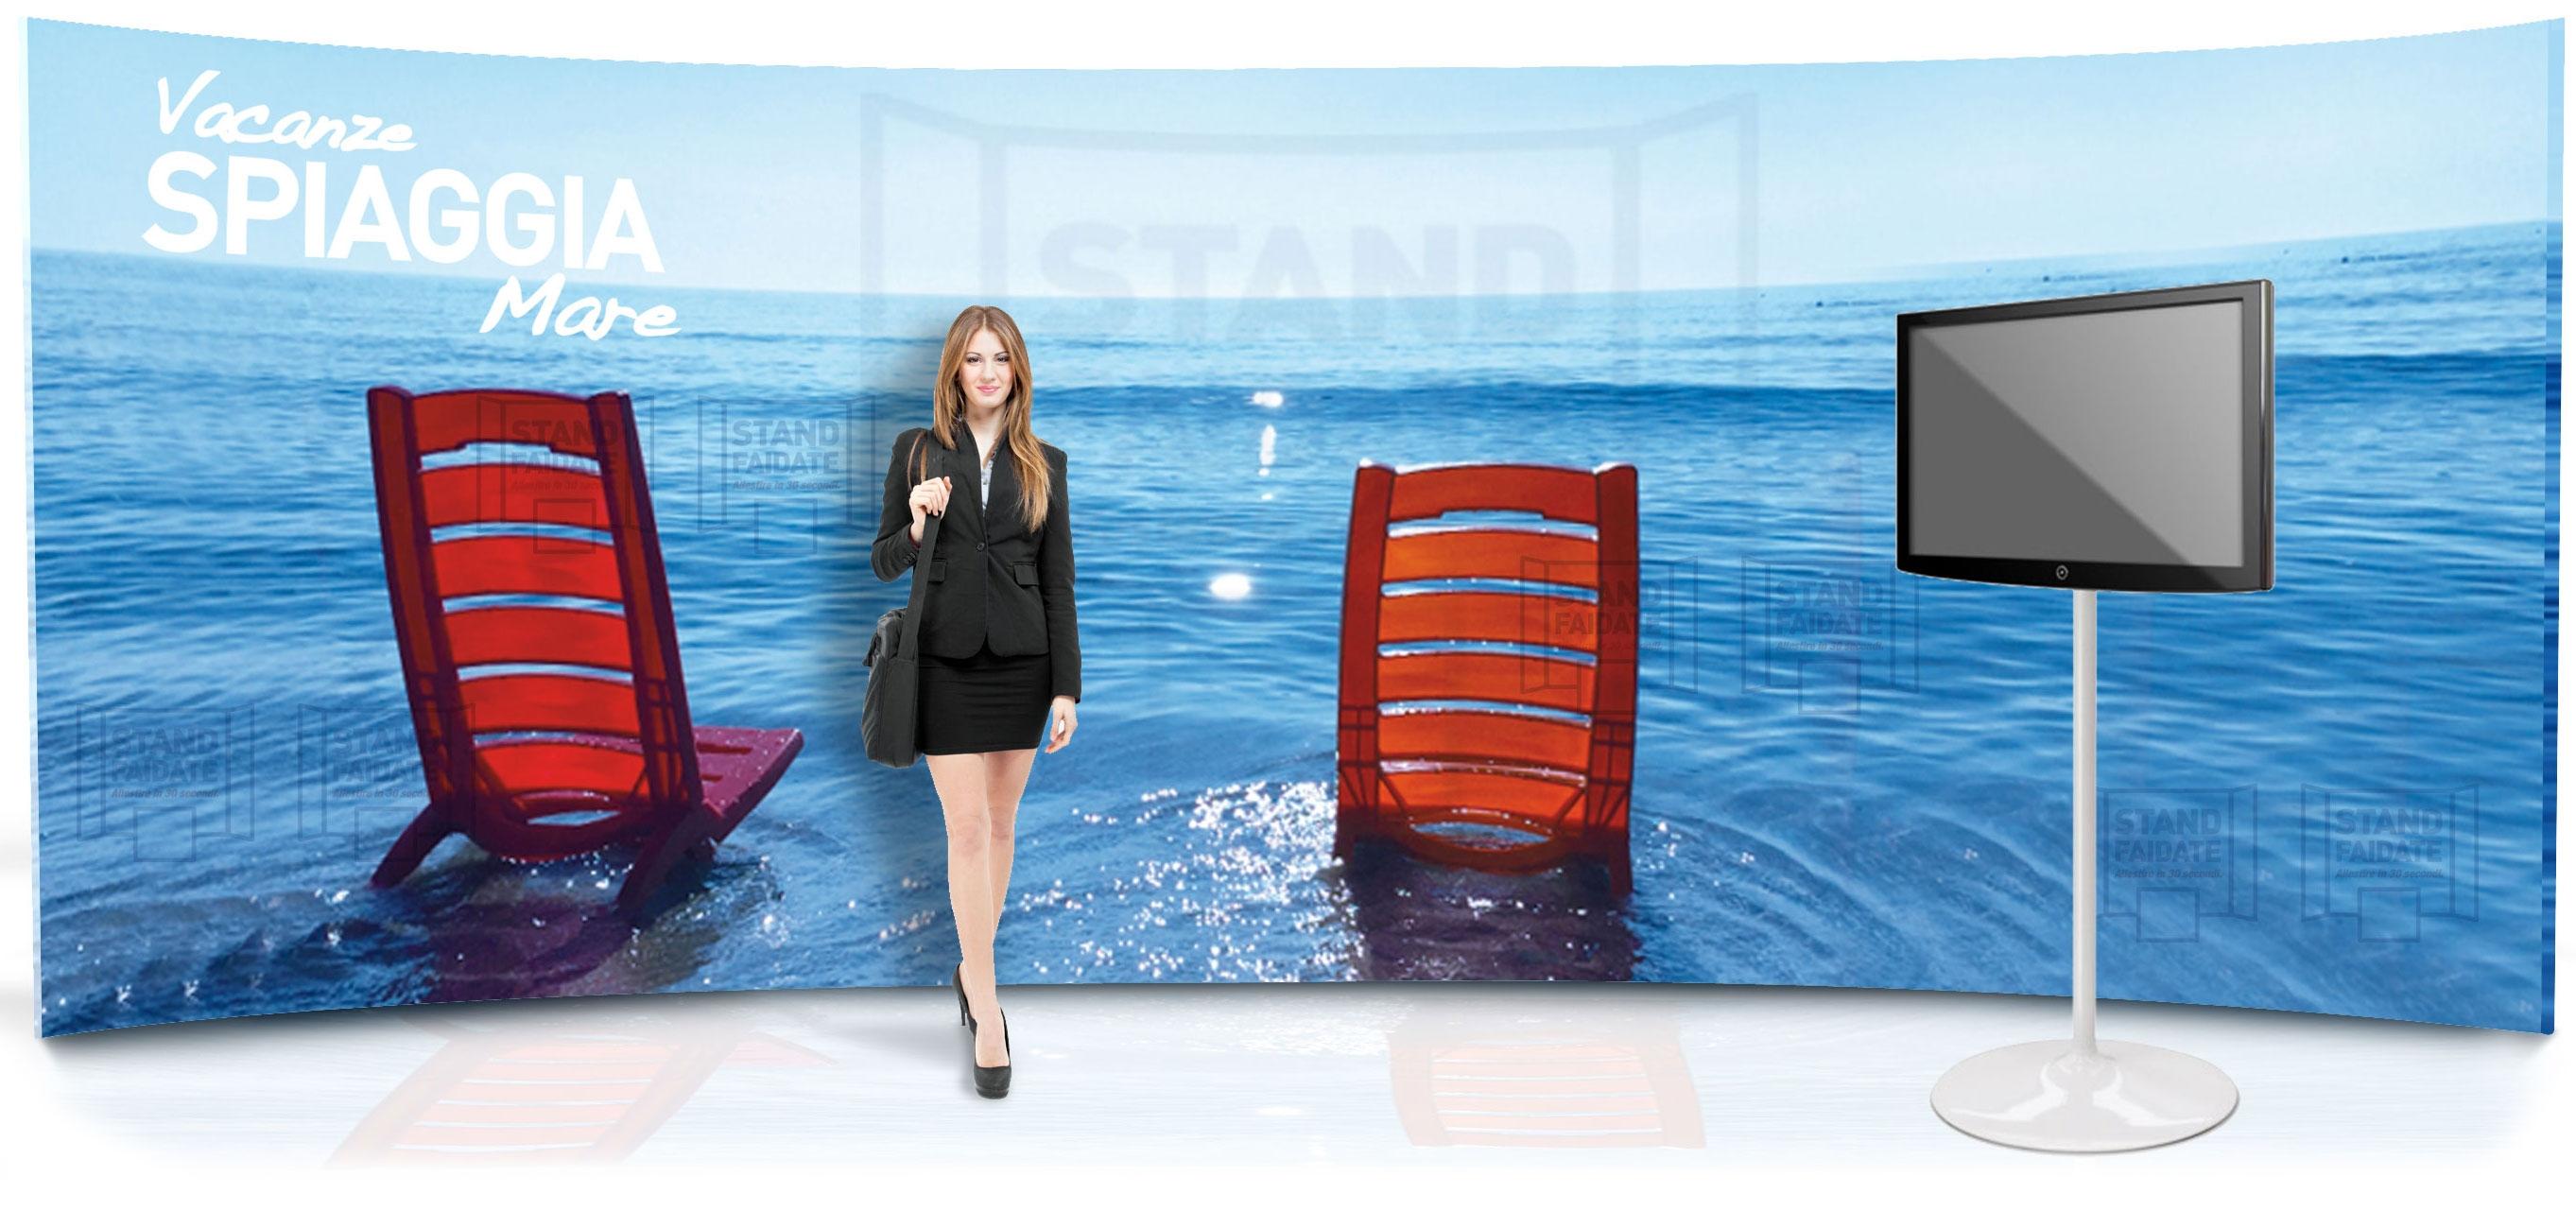 stand portatile curvo 6 metri, con porta monitor, per creare un isola promozionale